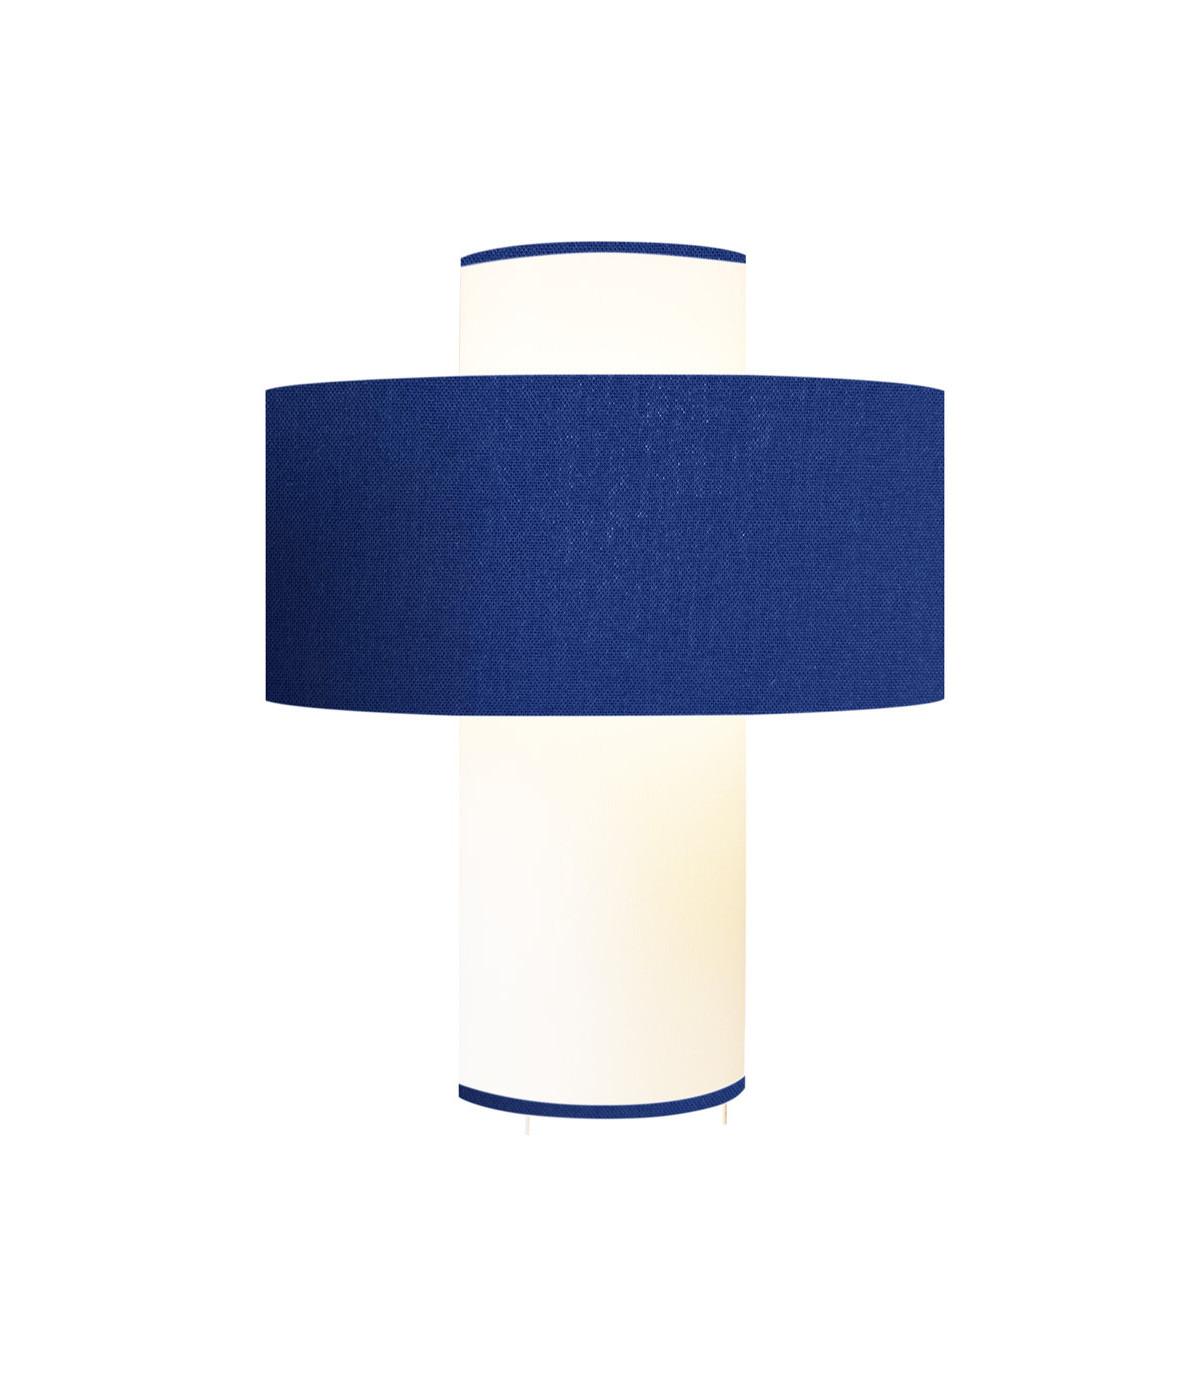 Lampe bleu D 35cm